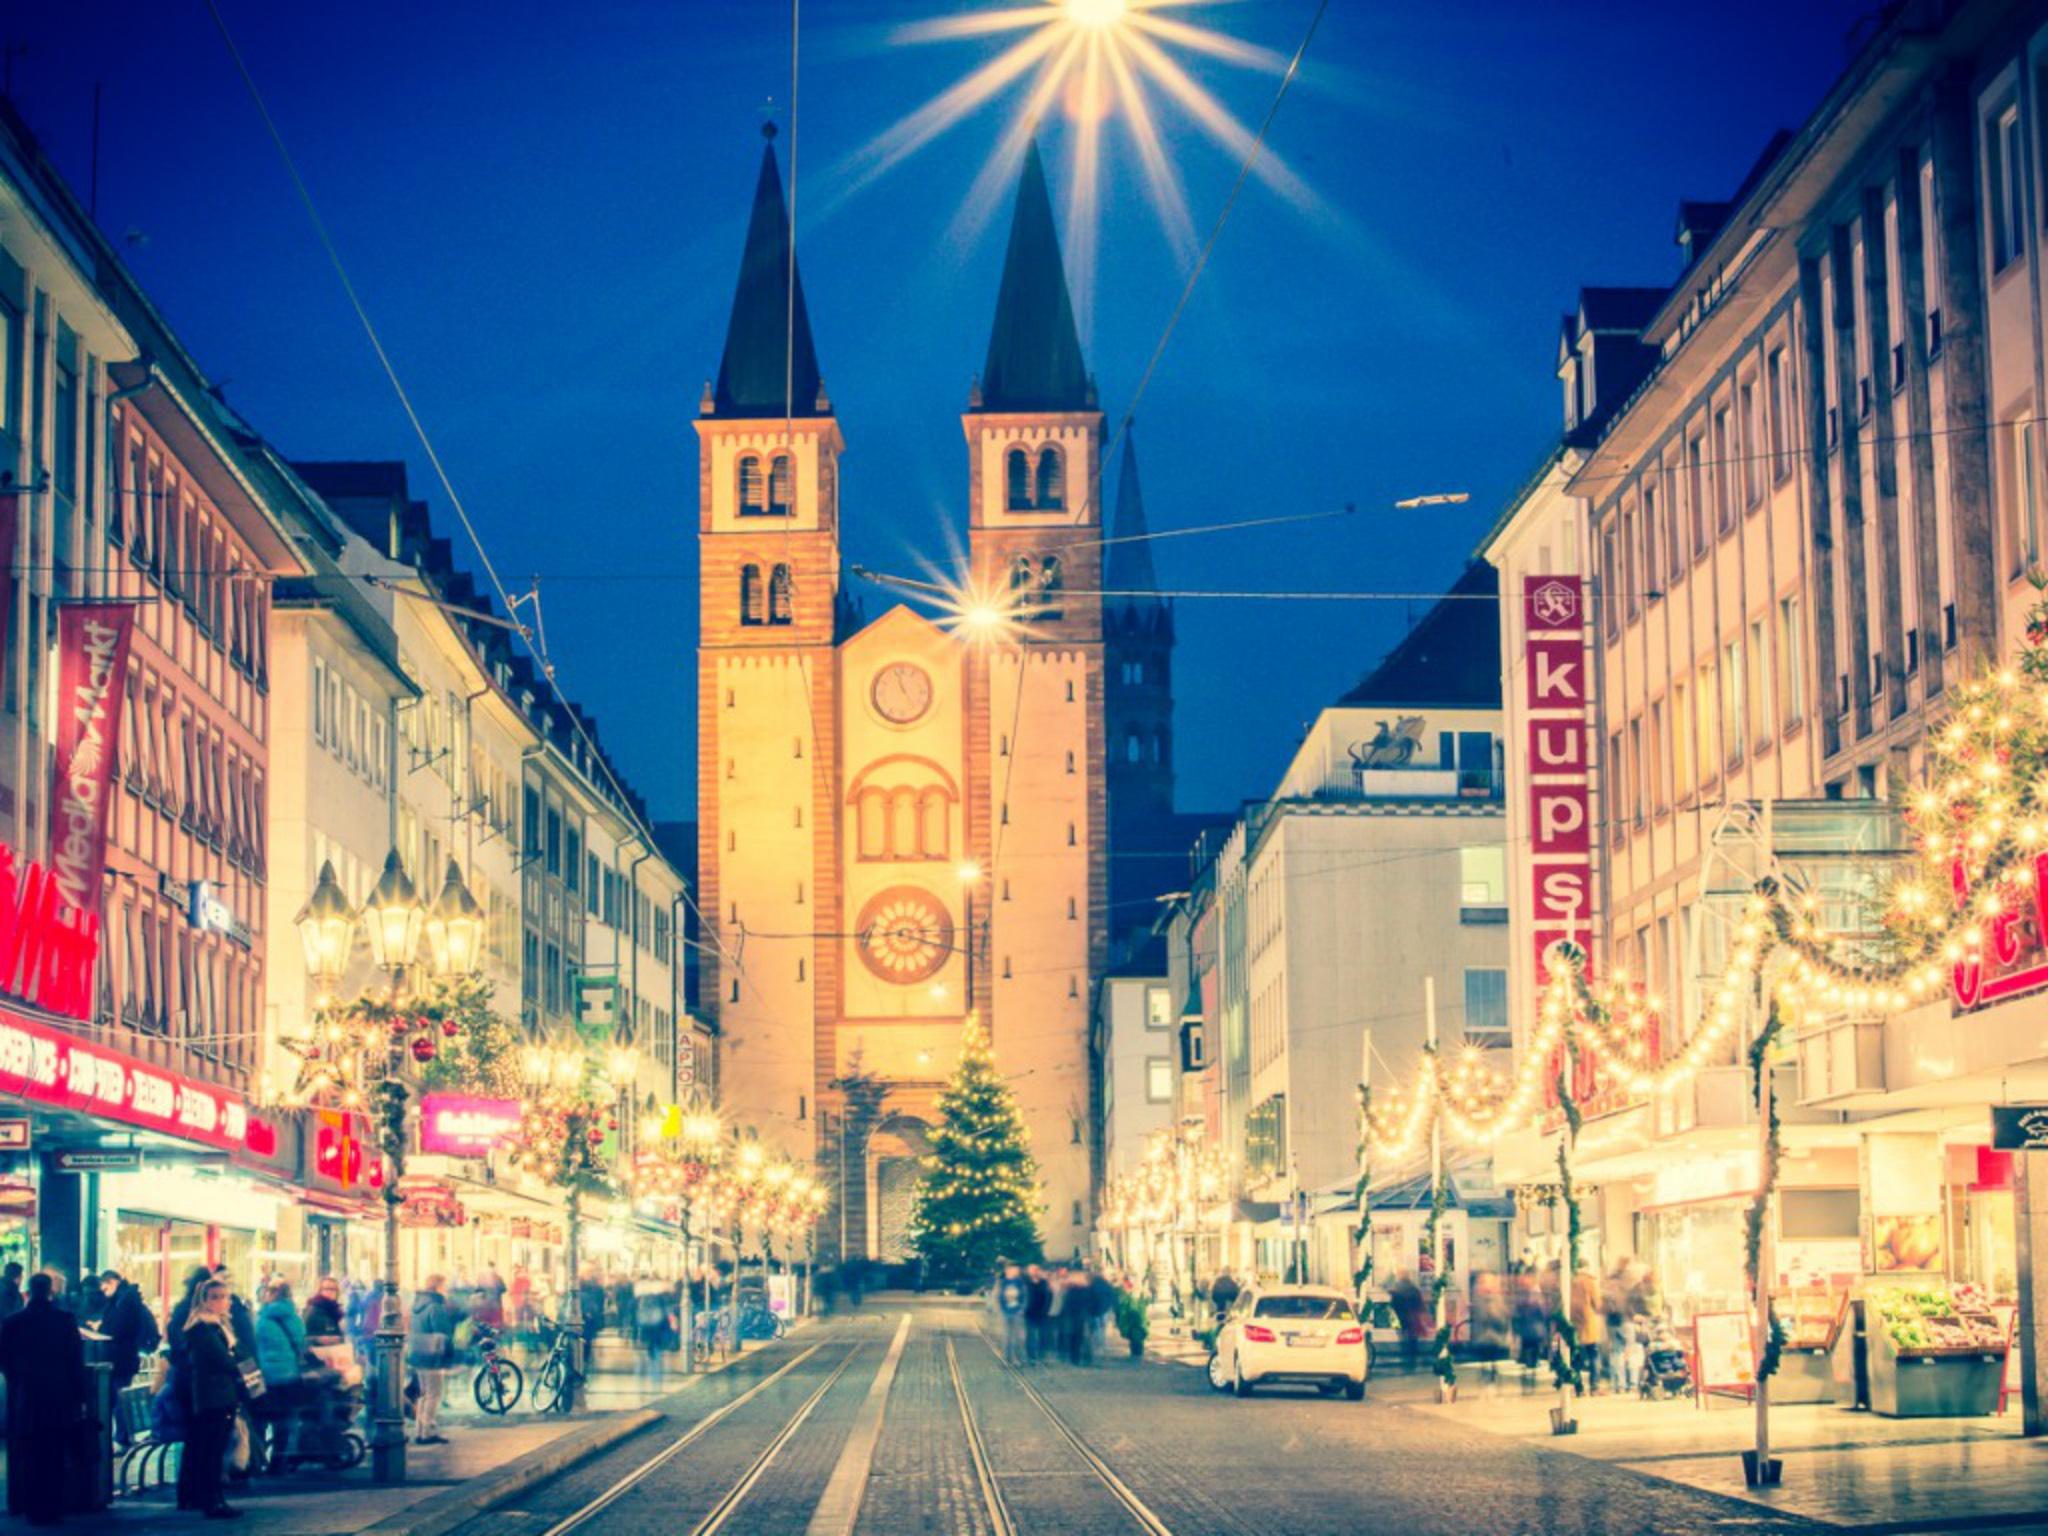 Die Domstraße zur Weihnachtszeit. Foto: Psscal Höfig